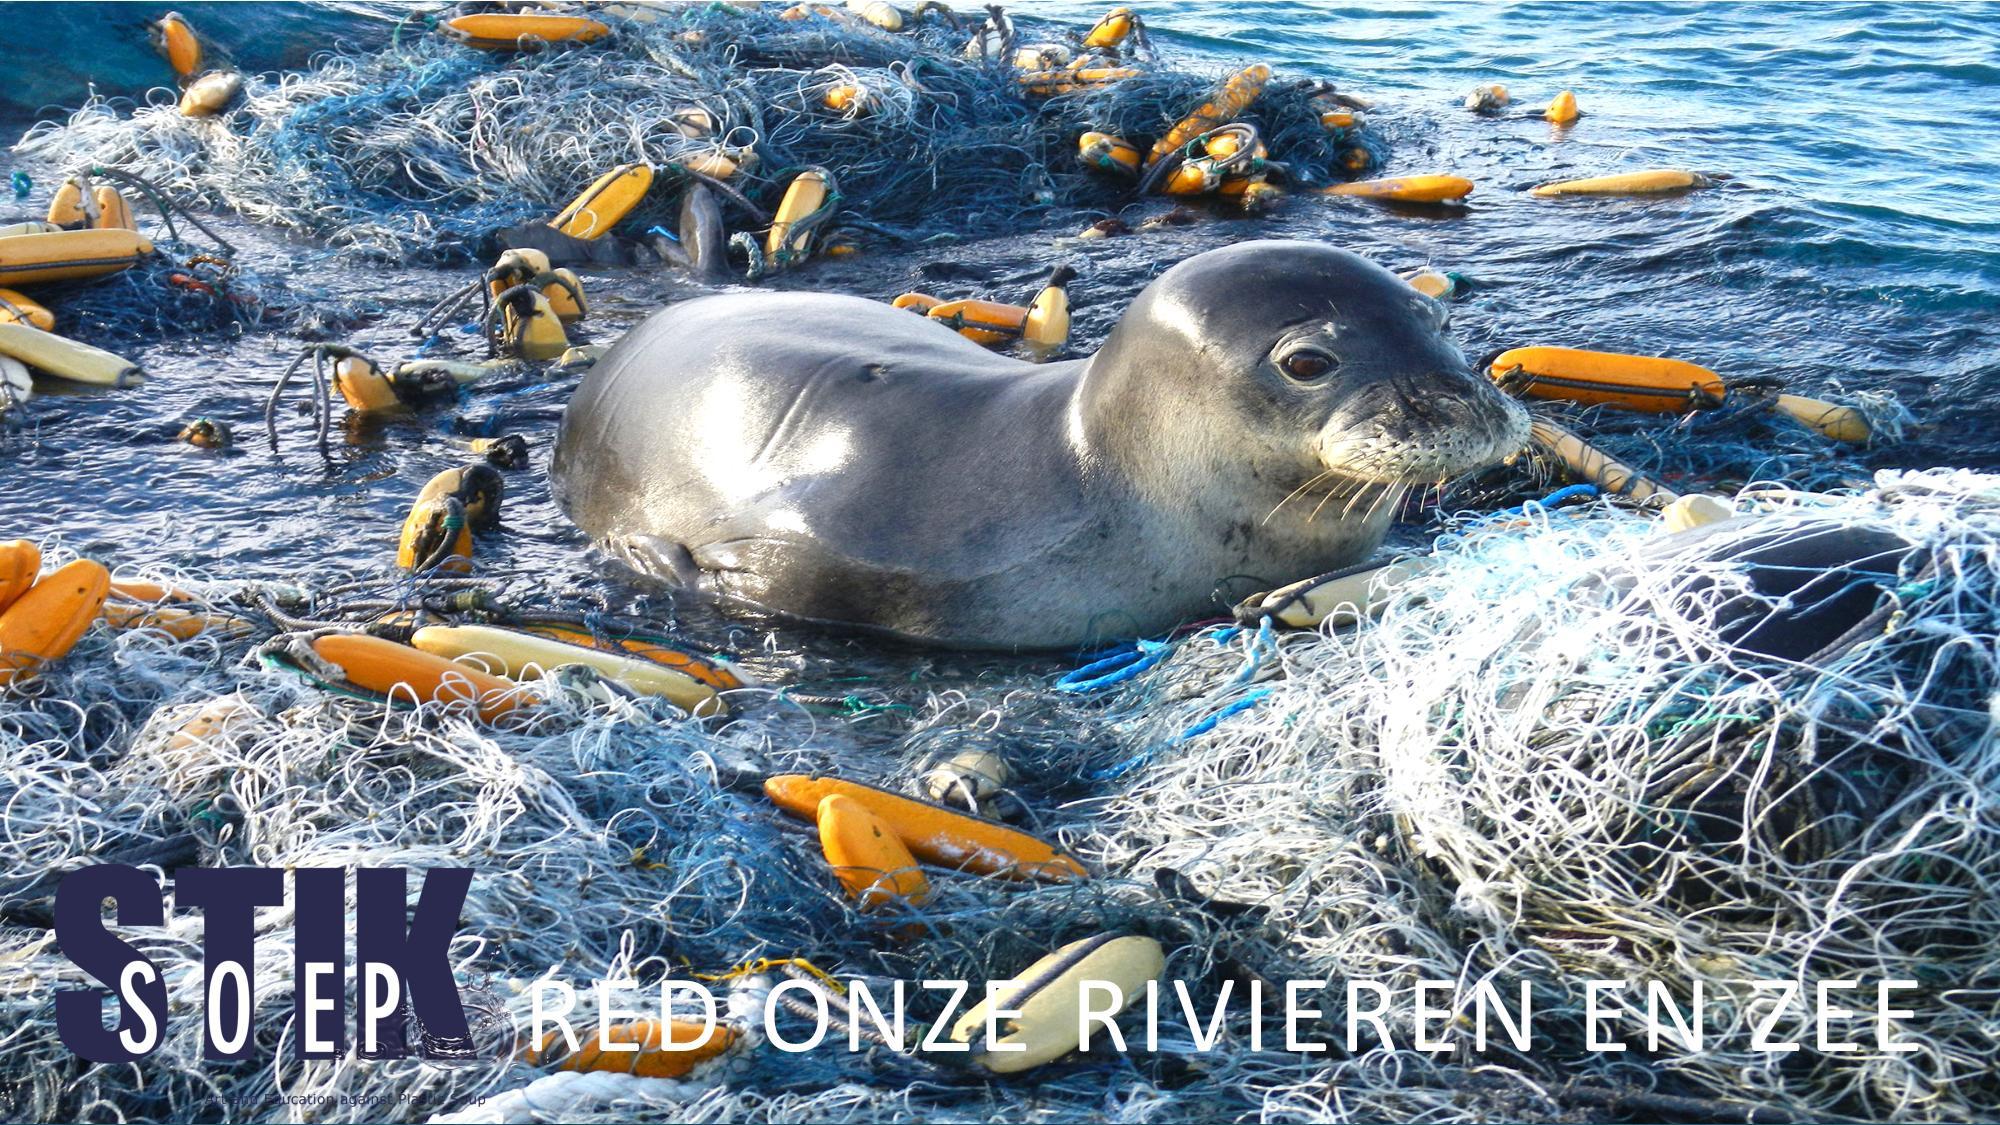 seal lichter-page-001